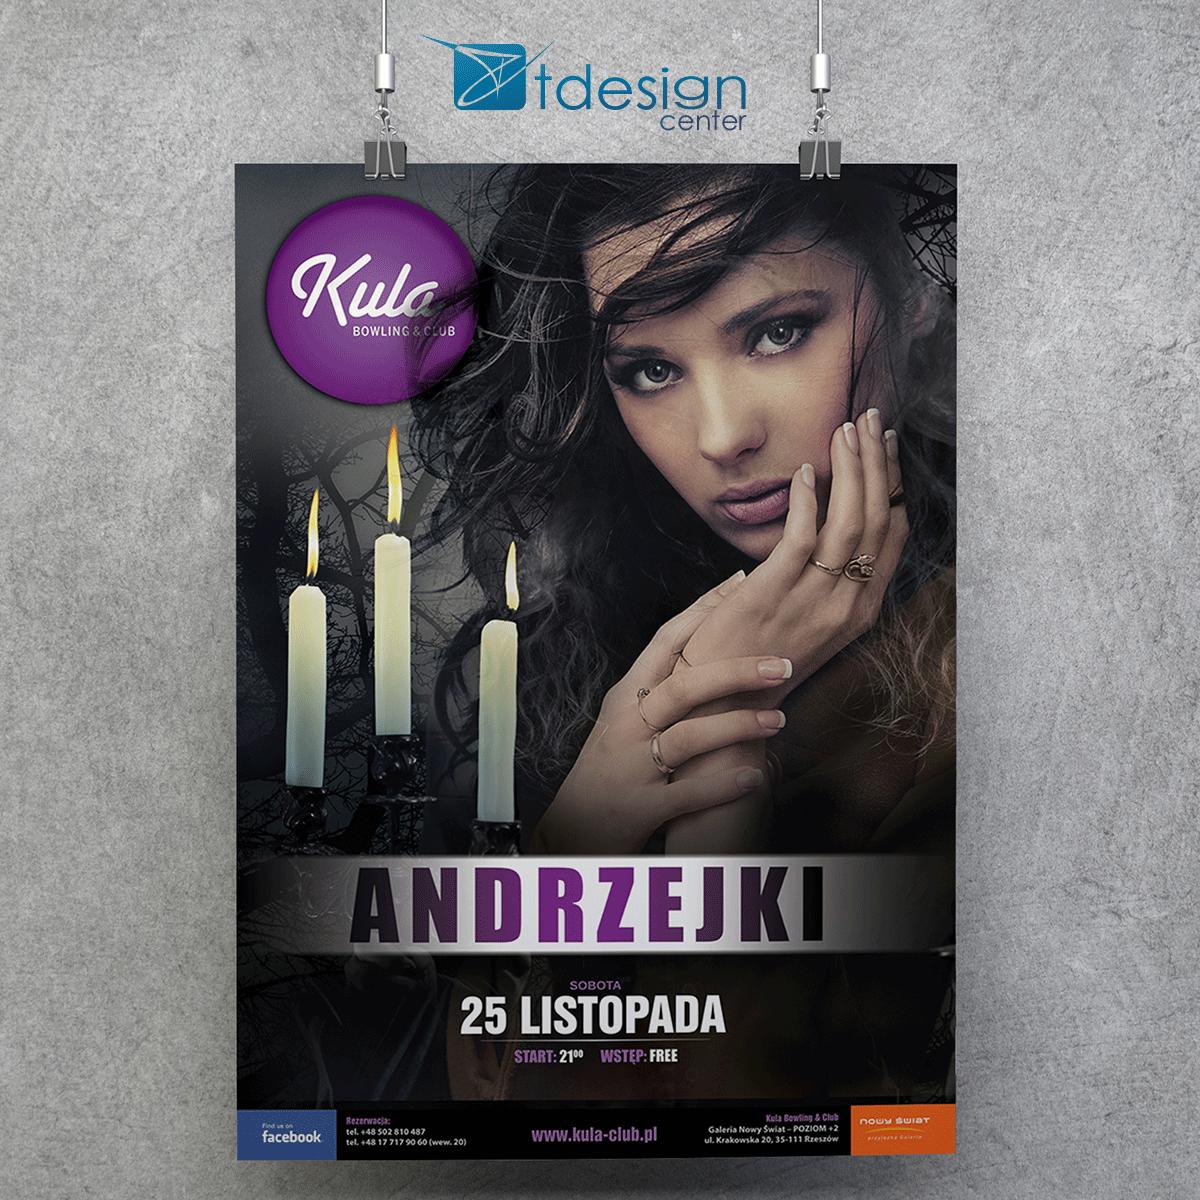 """Plakat B1 """"Andrzejki"""" - projekt zrealizowany dla kręgielni Kula"""